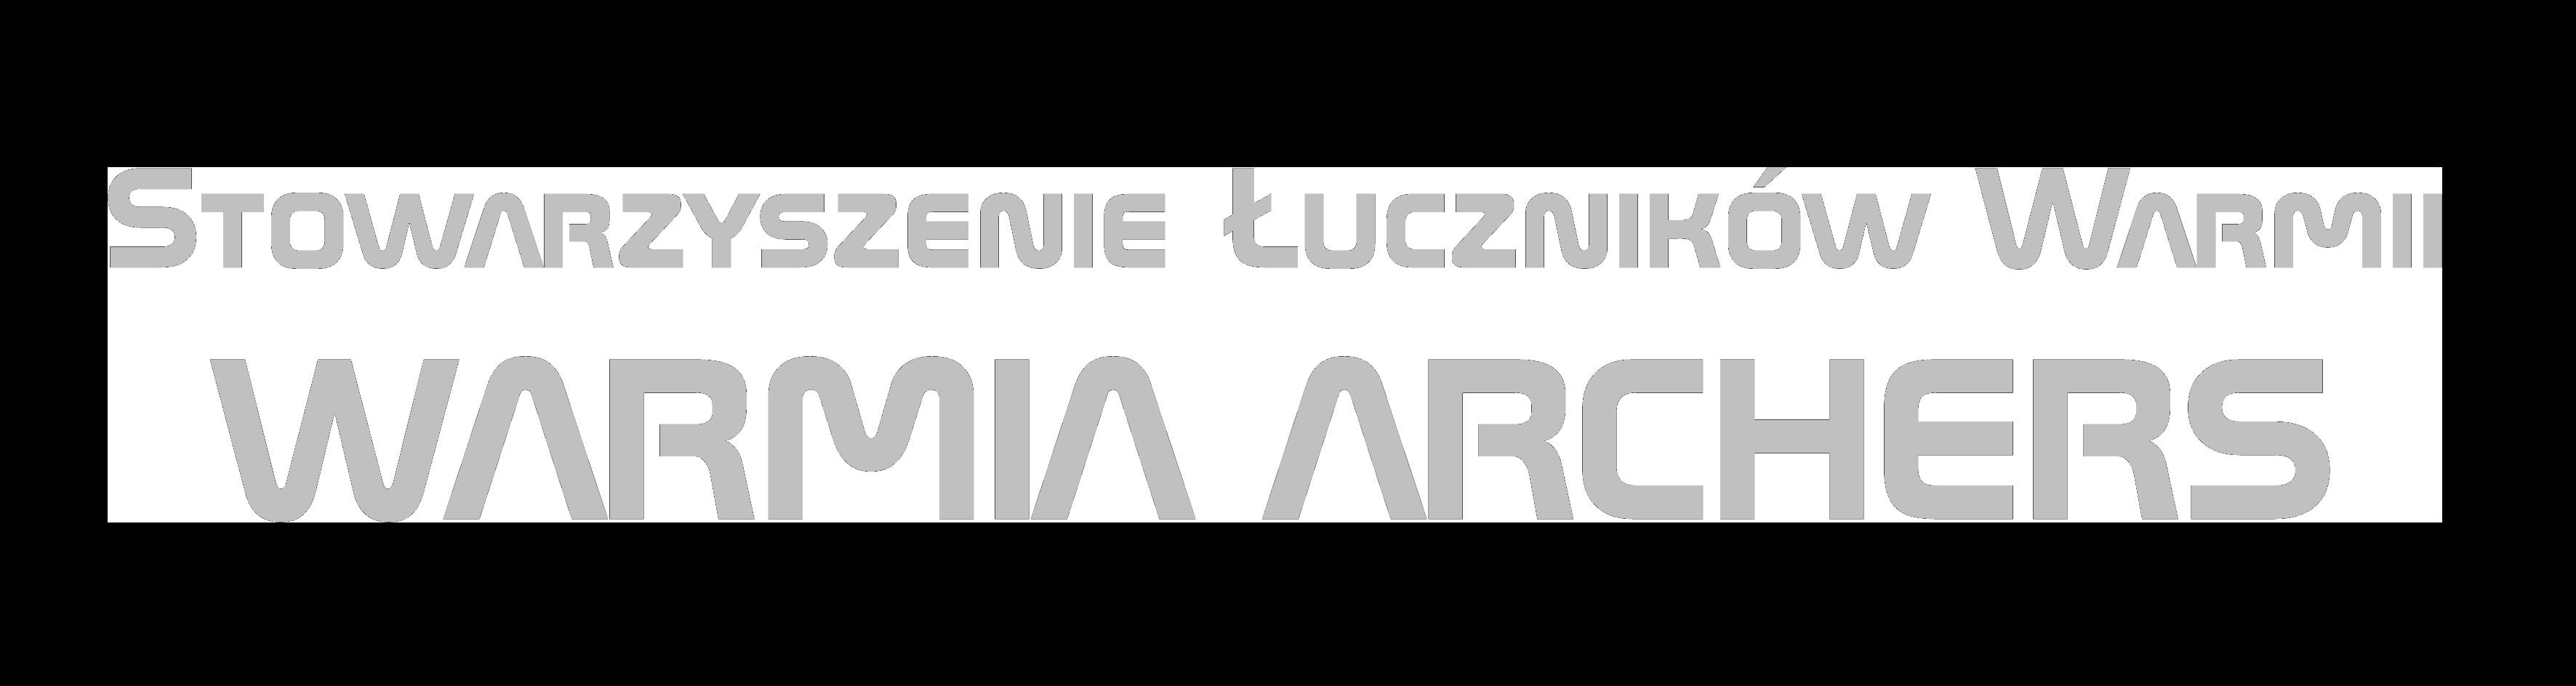 WARMIA ARCHERS